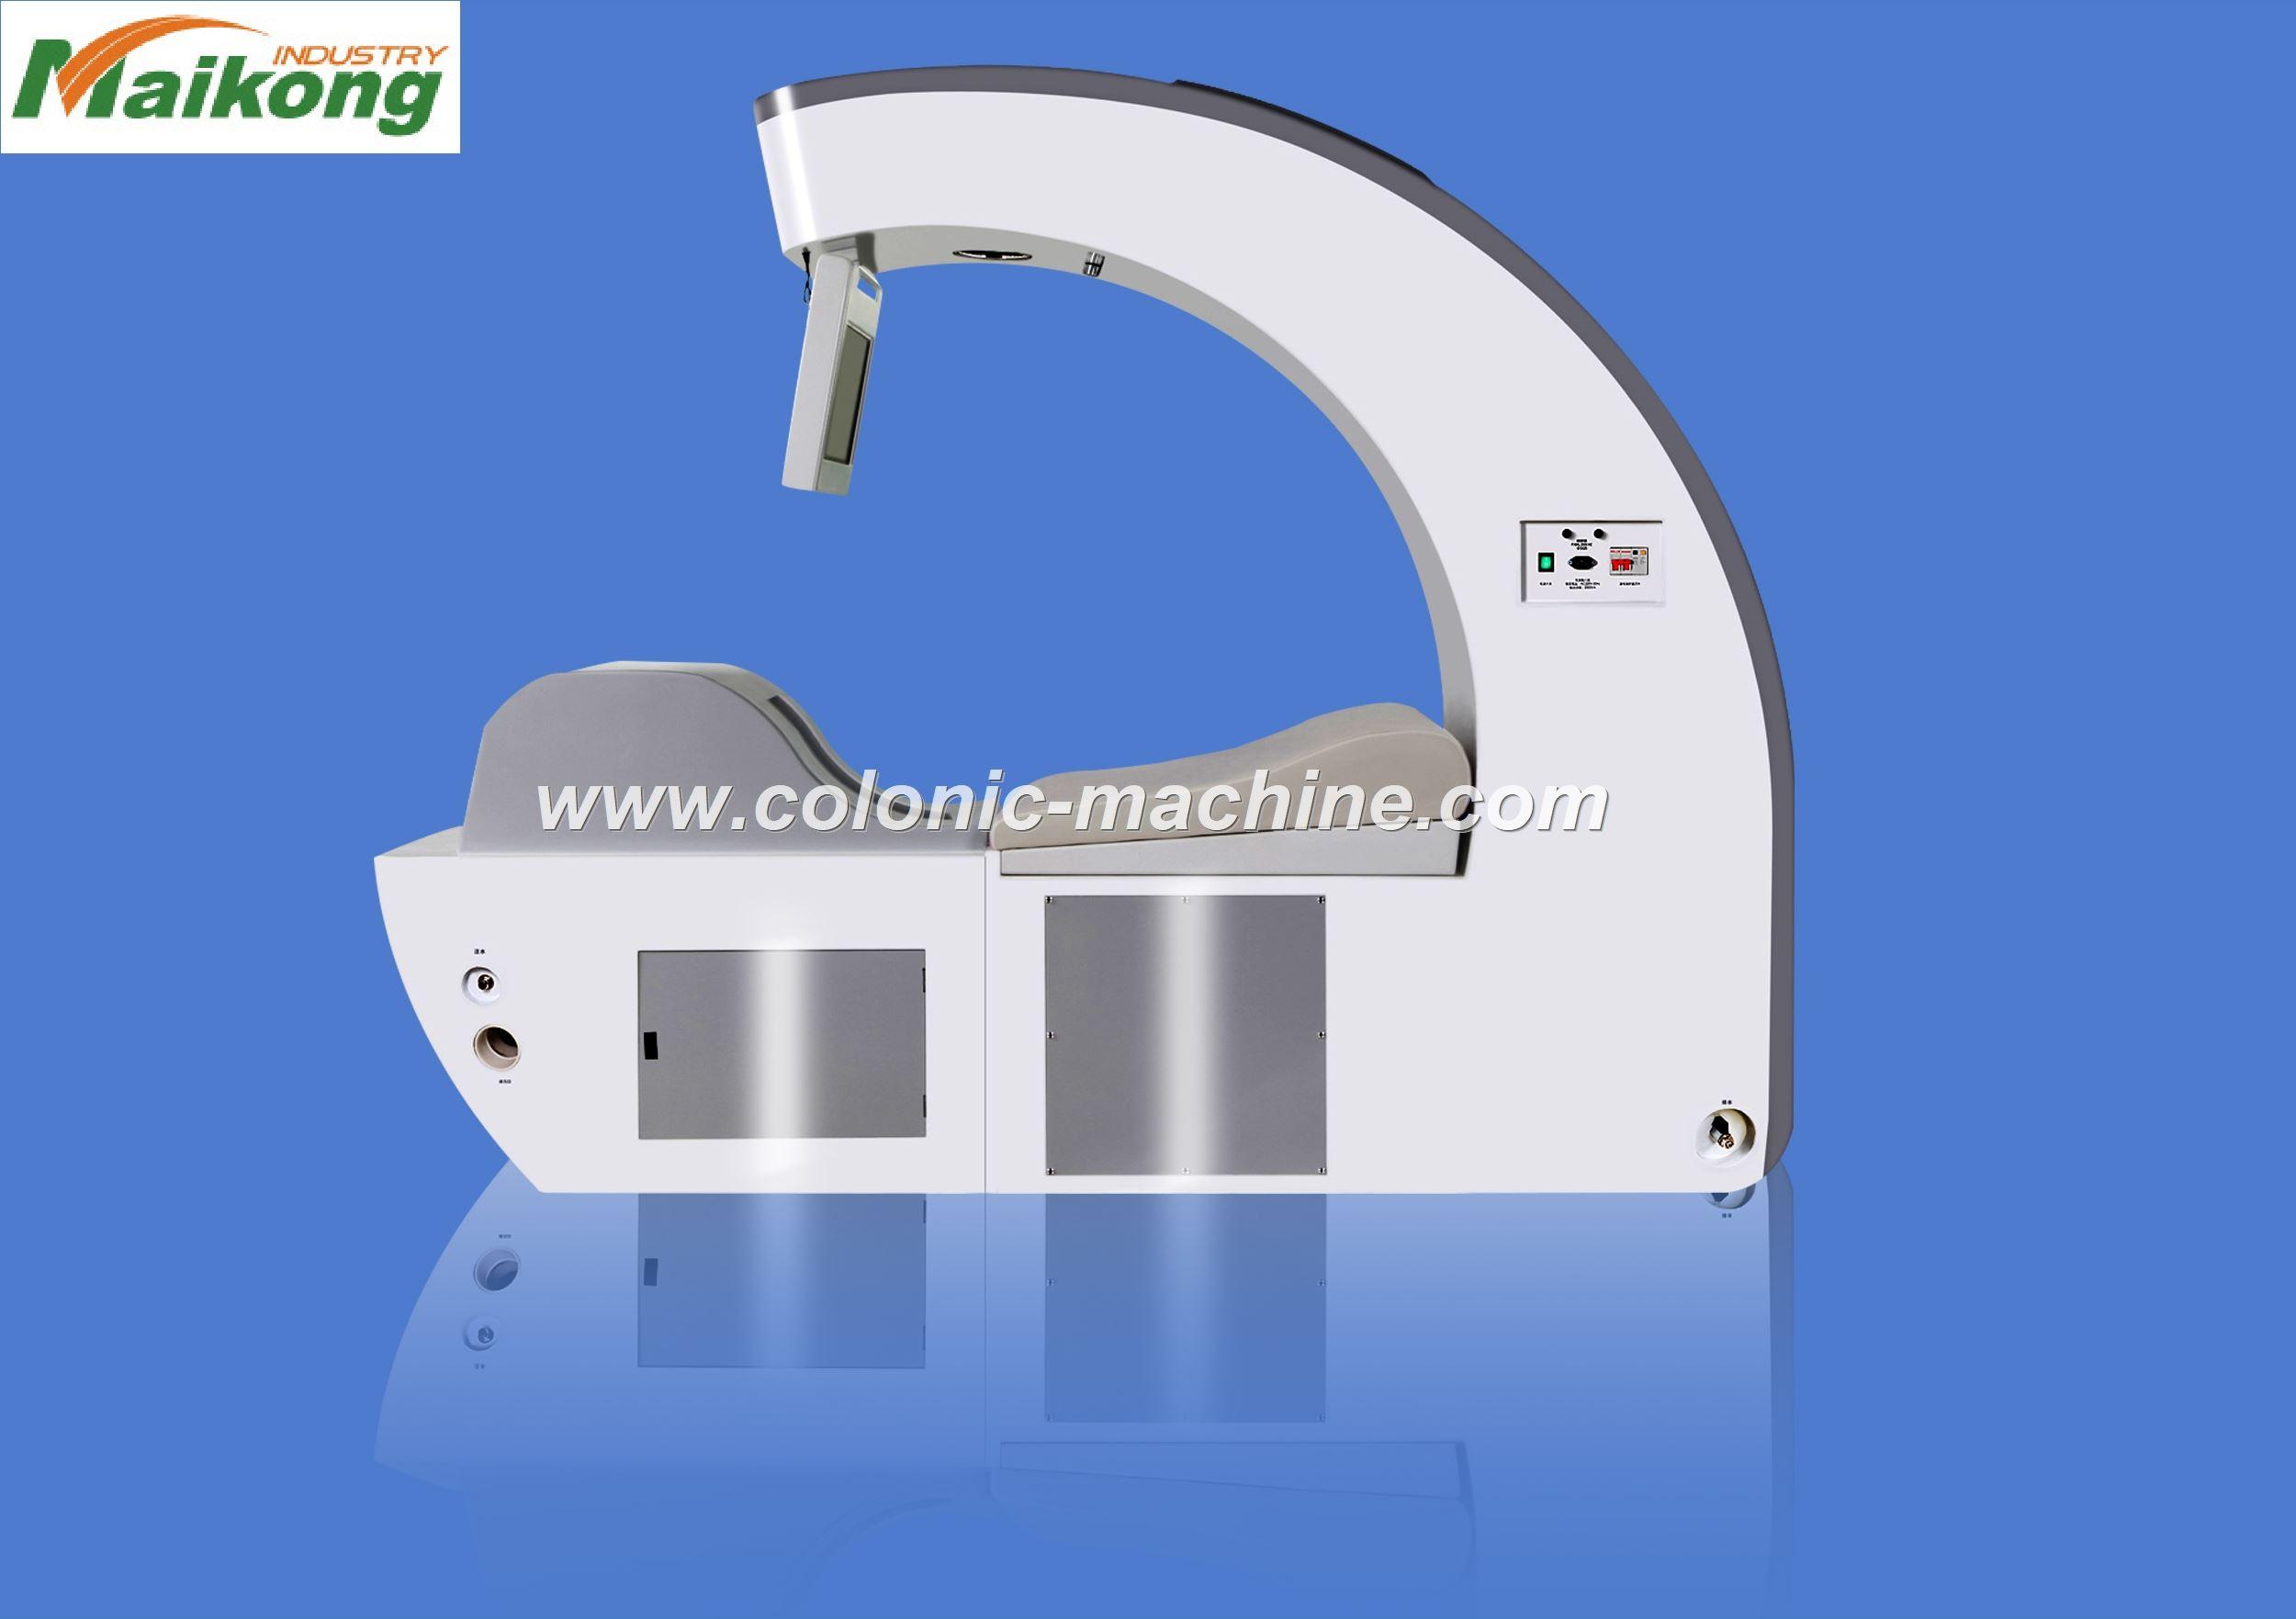 Hydro Colon Therapy Machine for sale